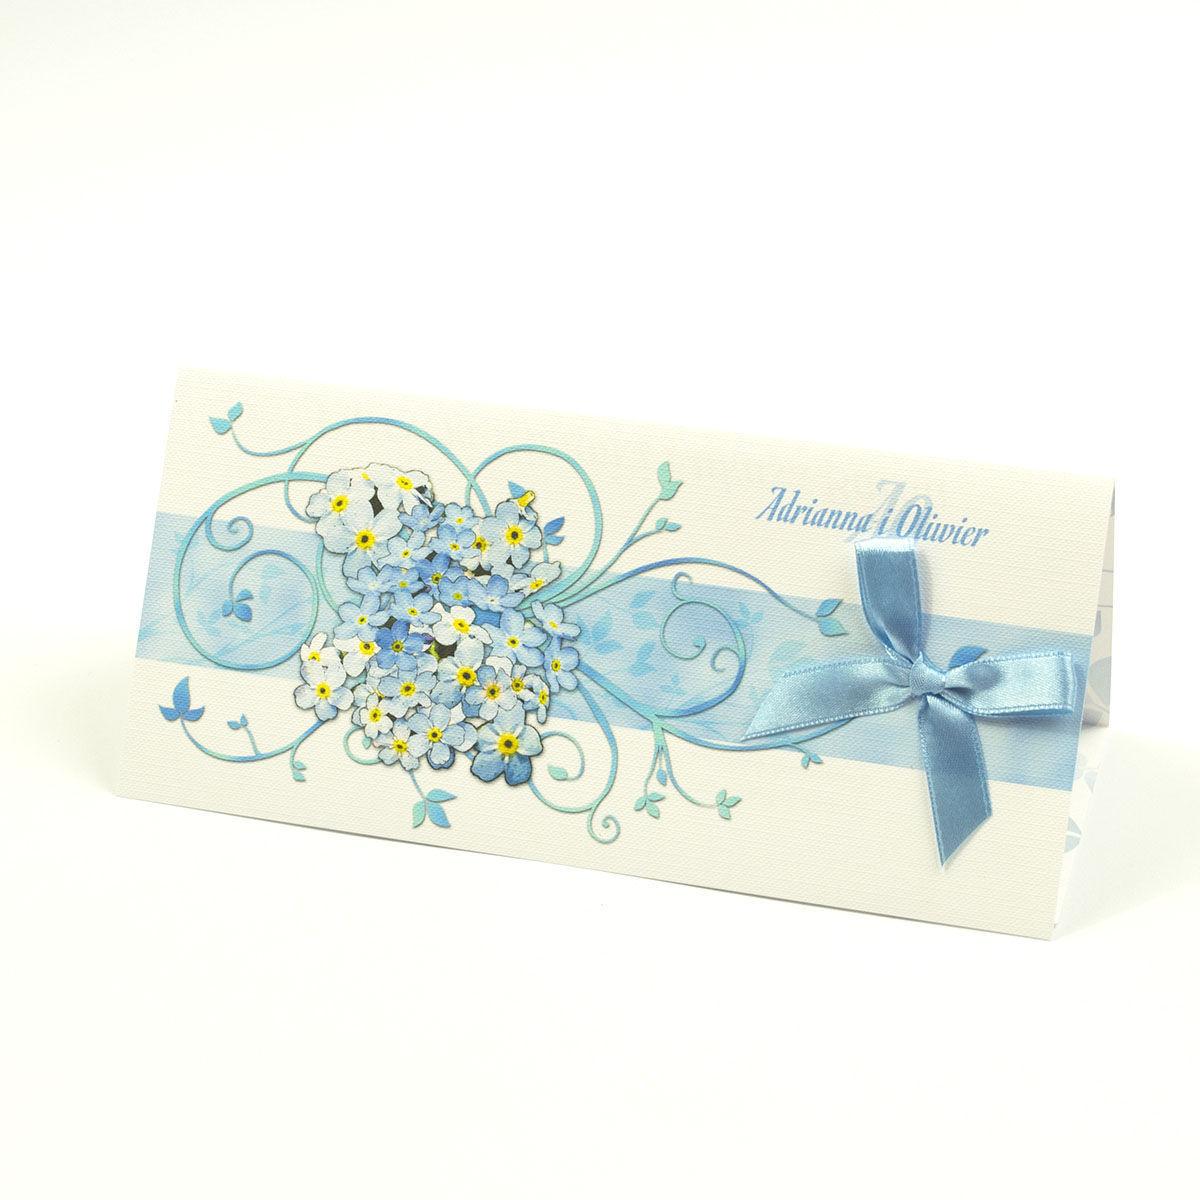 Składane na trzy części kwiatowe zaproszenia ślubne w formacie DL. Niezapominajki, błękitna kokardka i interesujący motyw ozdobny. ZAP-95-05